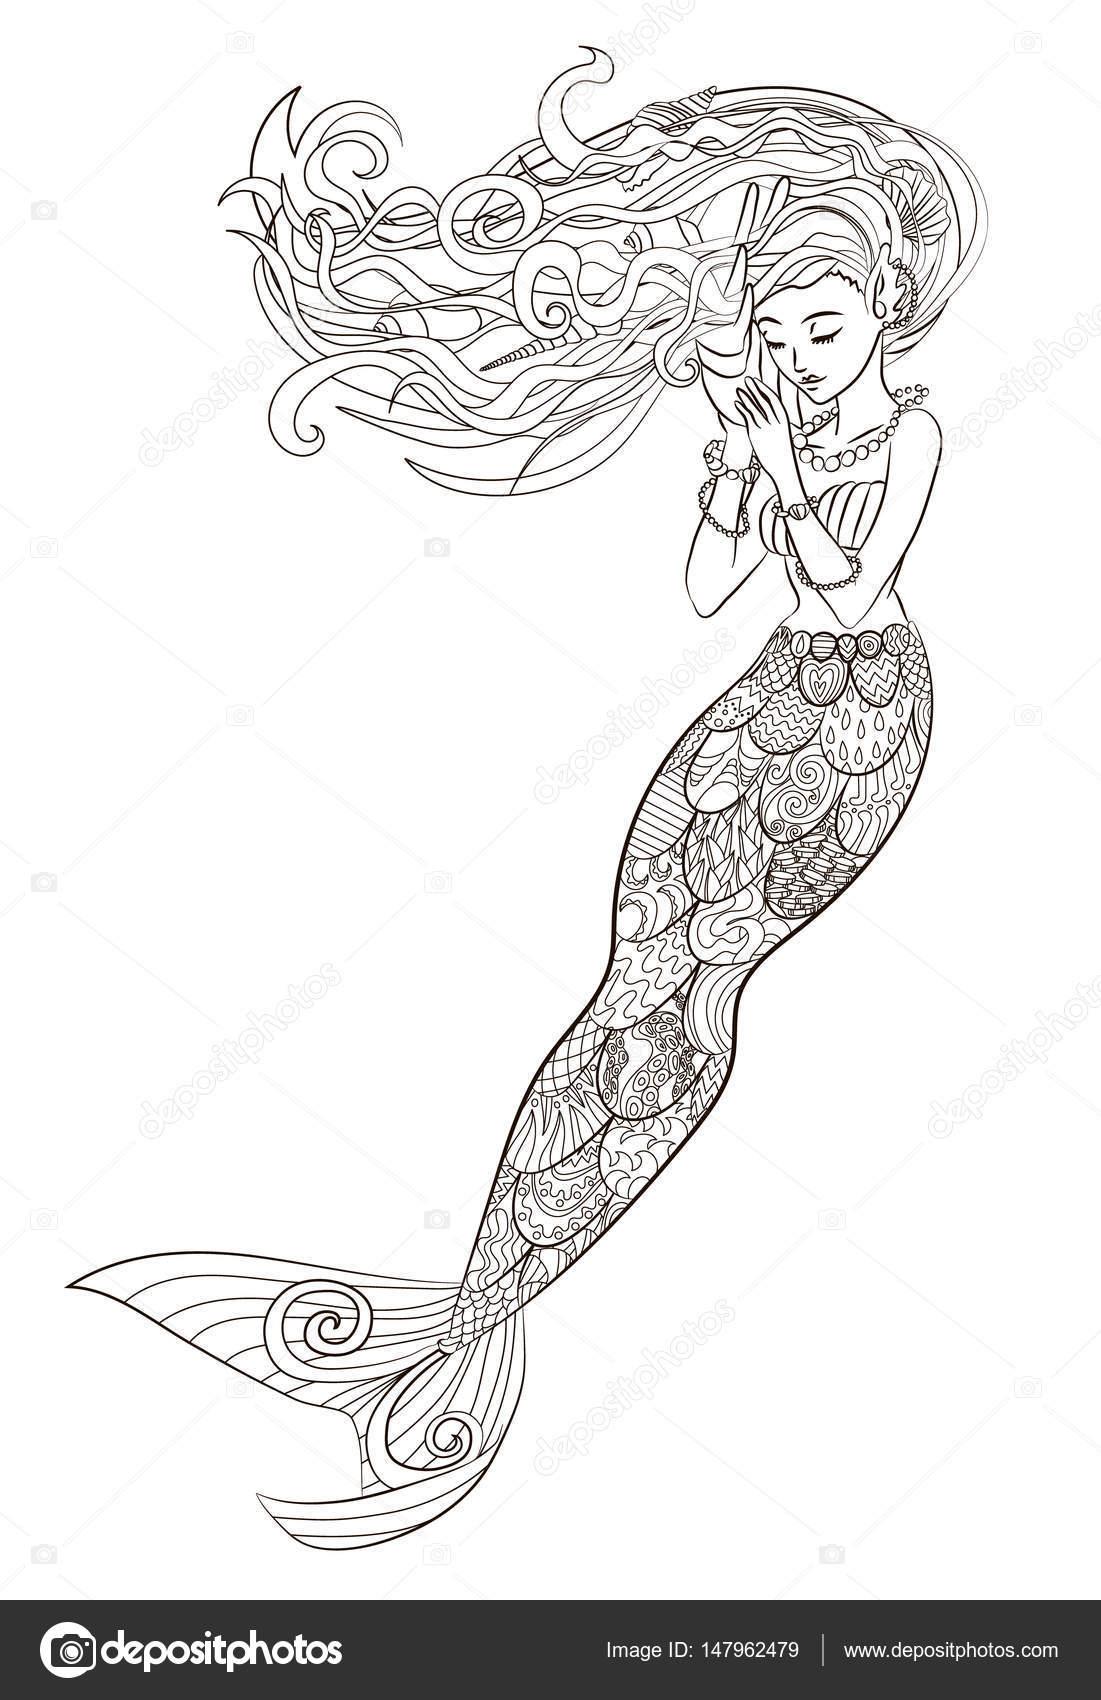 Deniz Kızı Desenli çizimi Stok Vektör Lezhepyoka 147962479